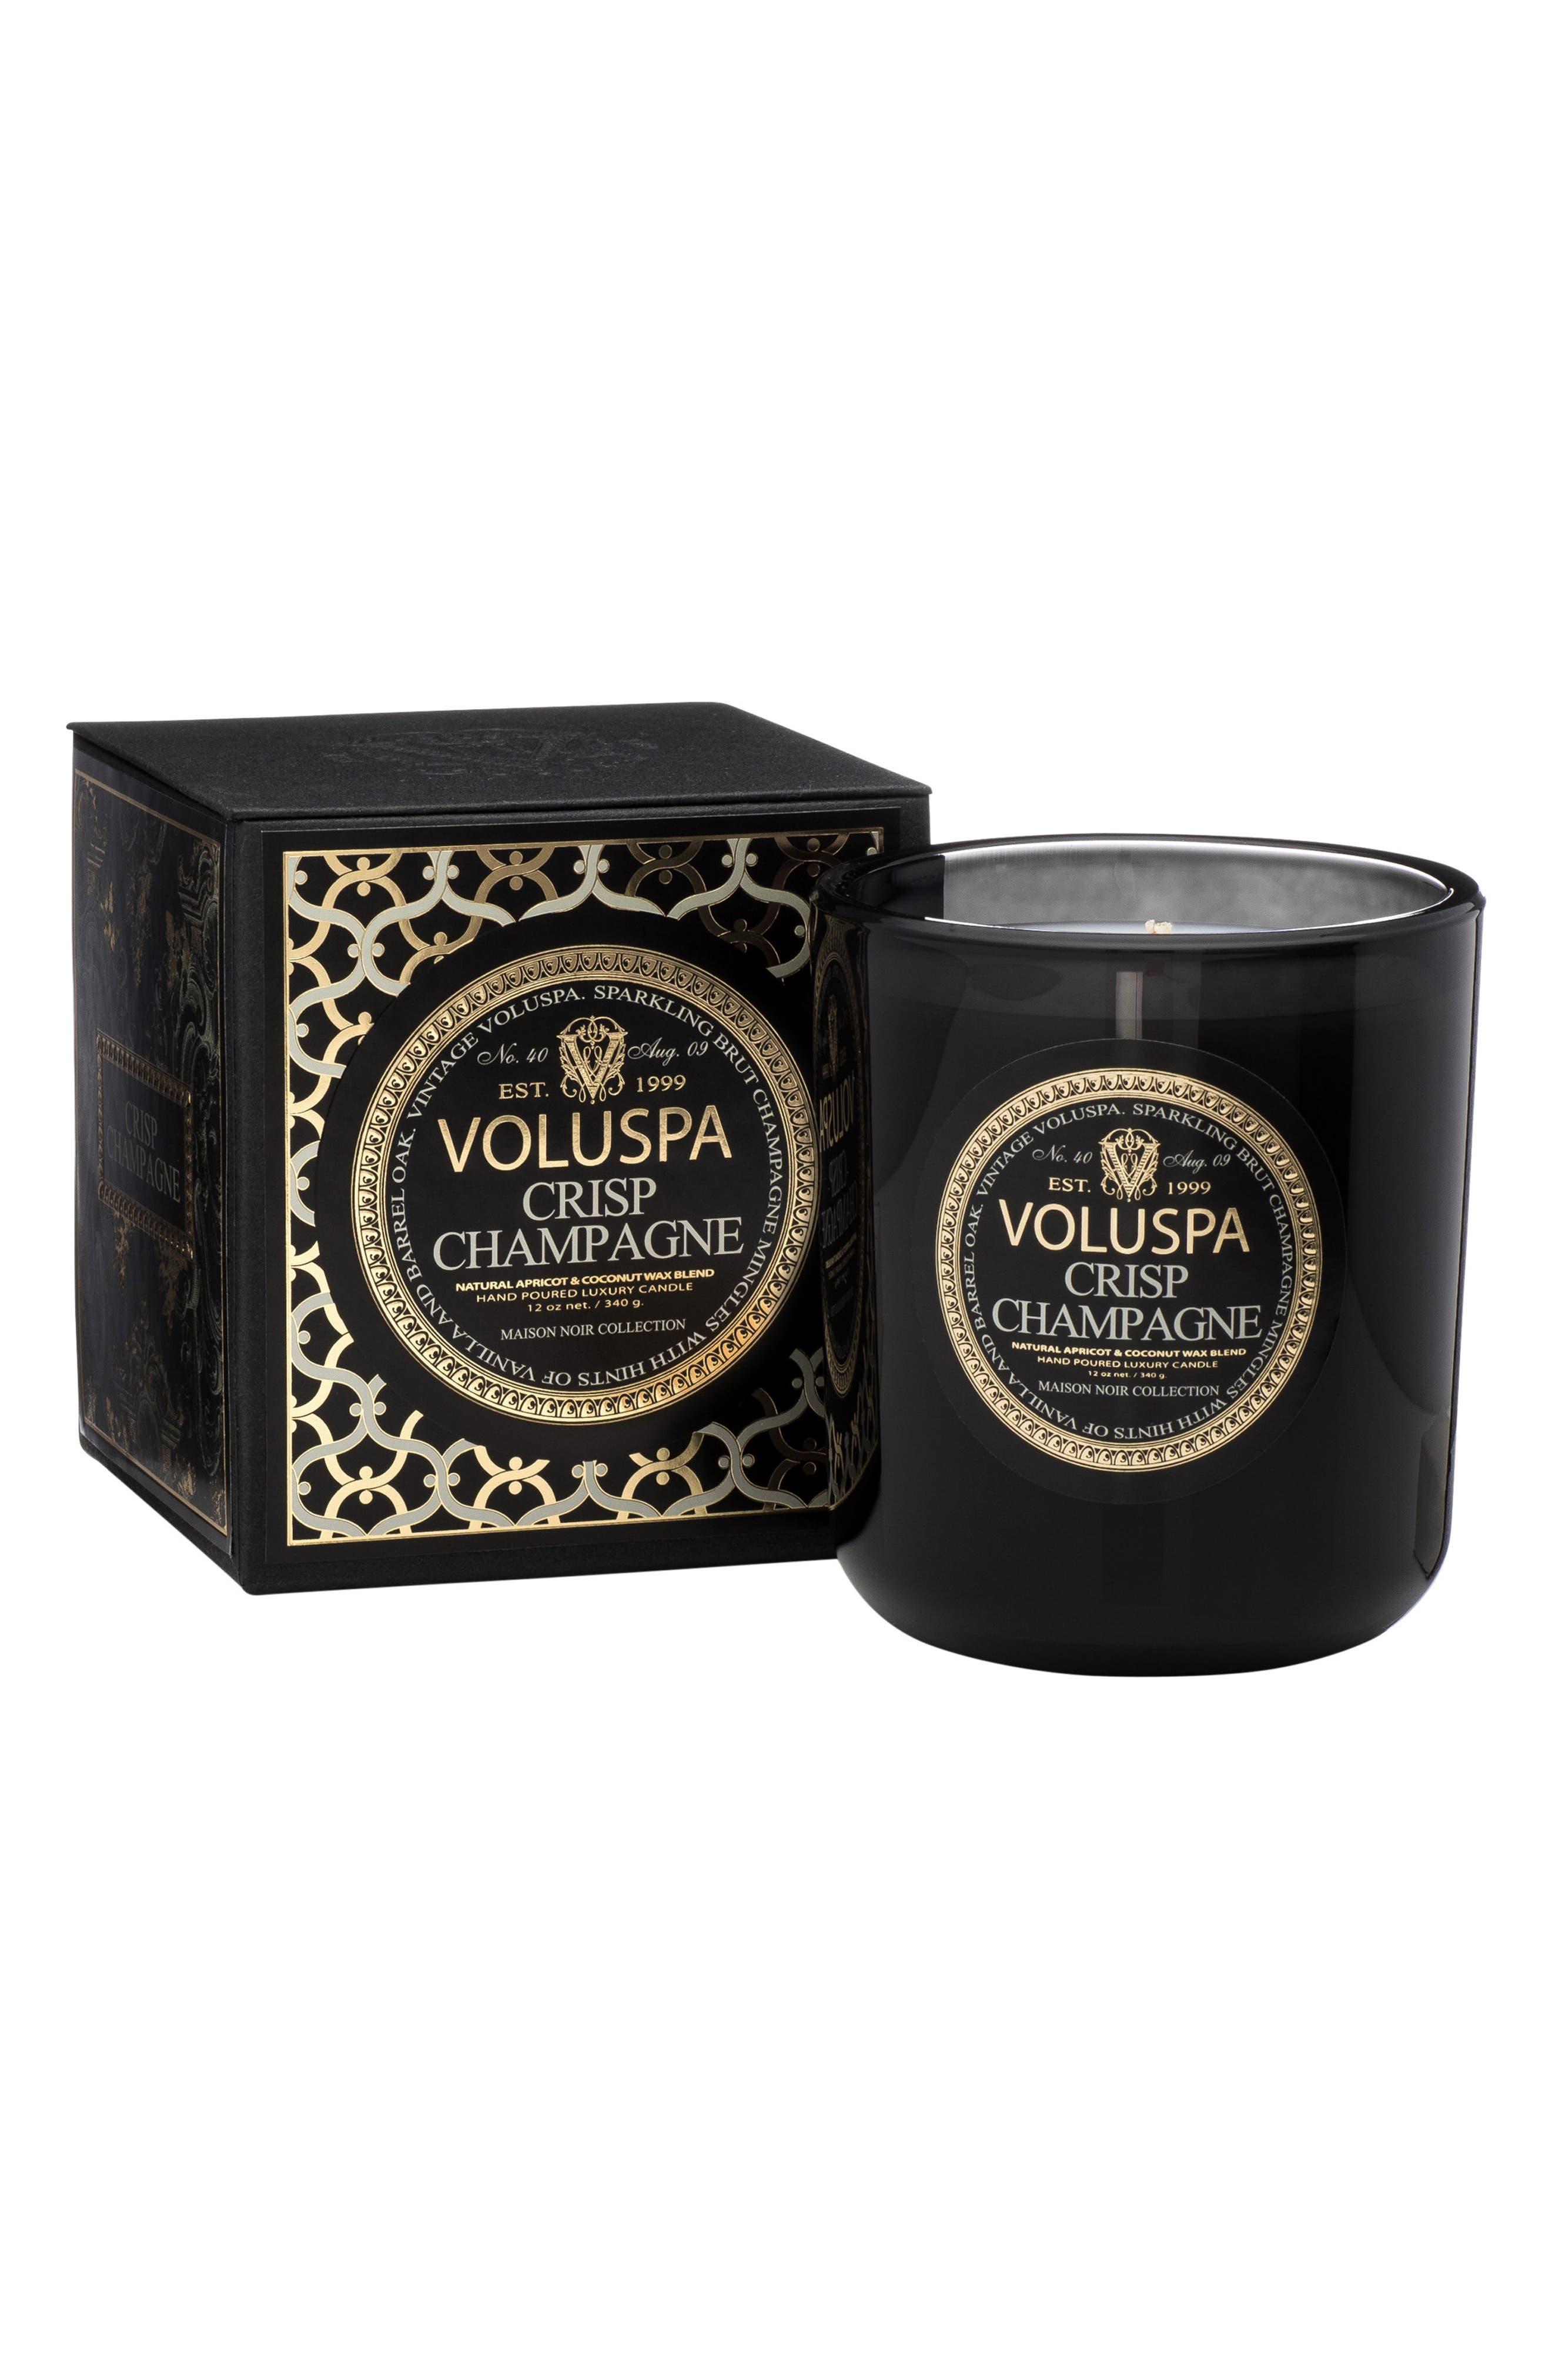 VOLUSPA,                             Maison Noir Crisp Champagne Classic Maison Candle,                             Alternate thumbnail 2, color,                             NO COLOR